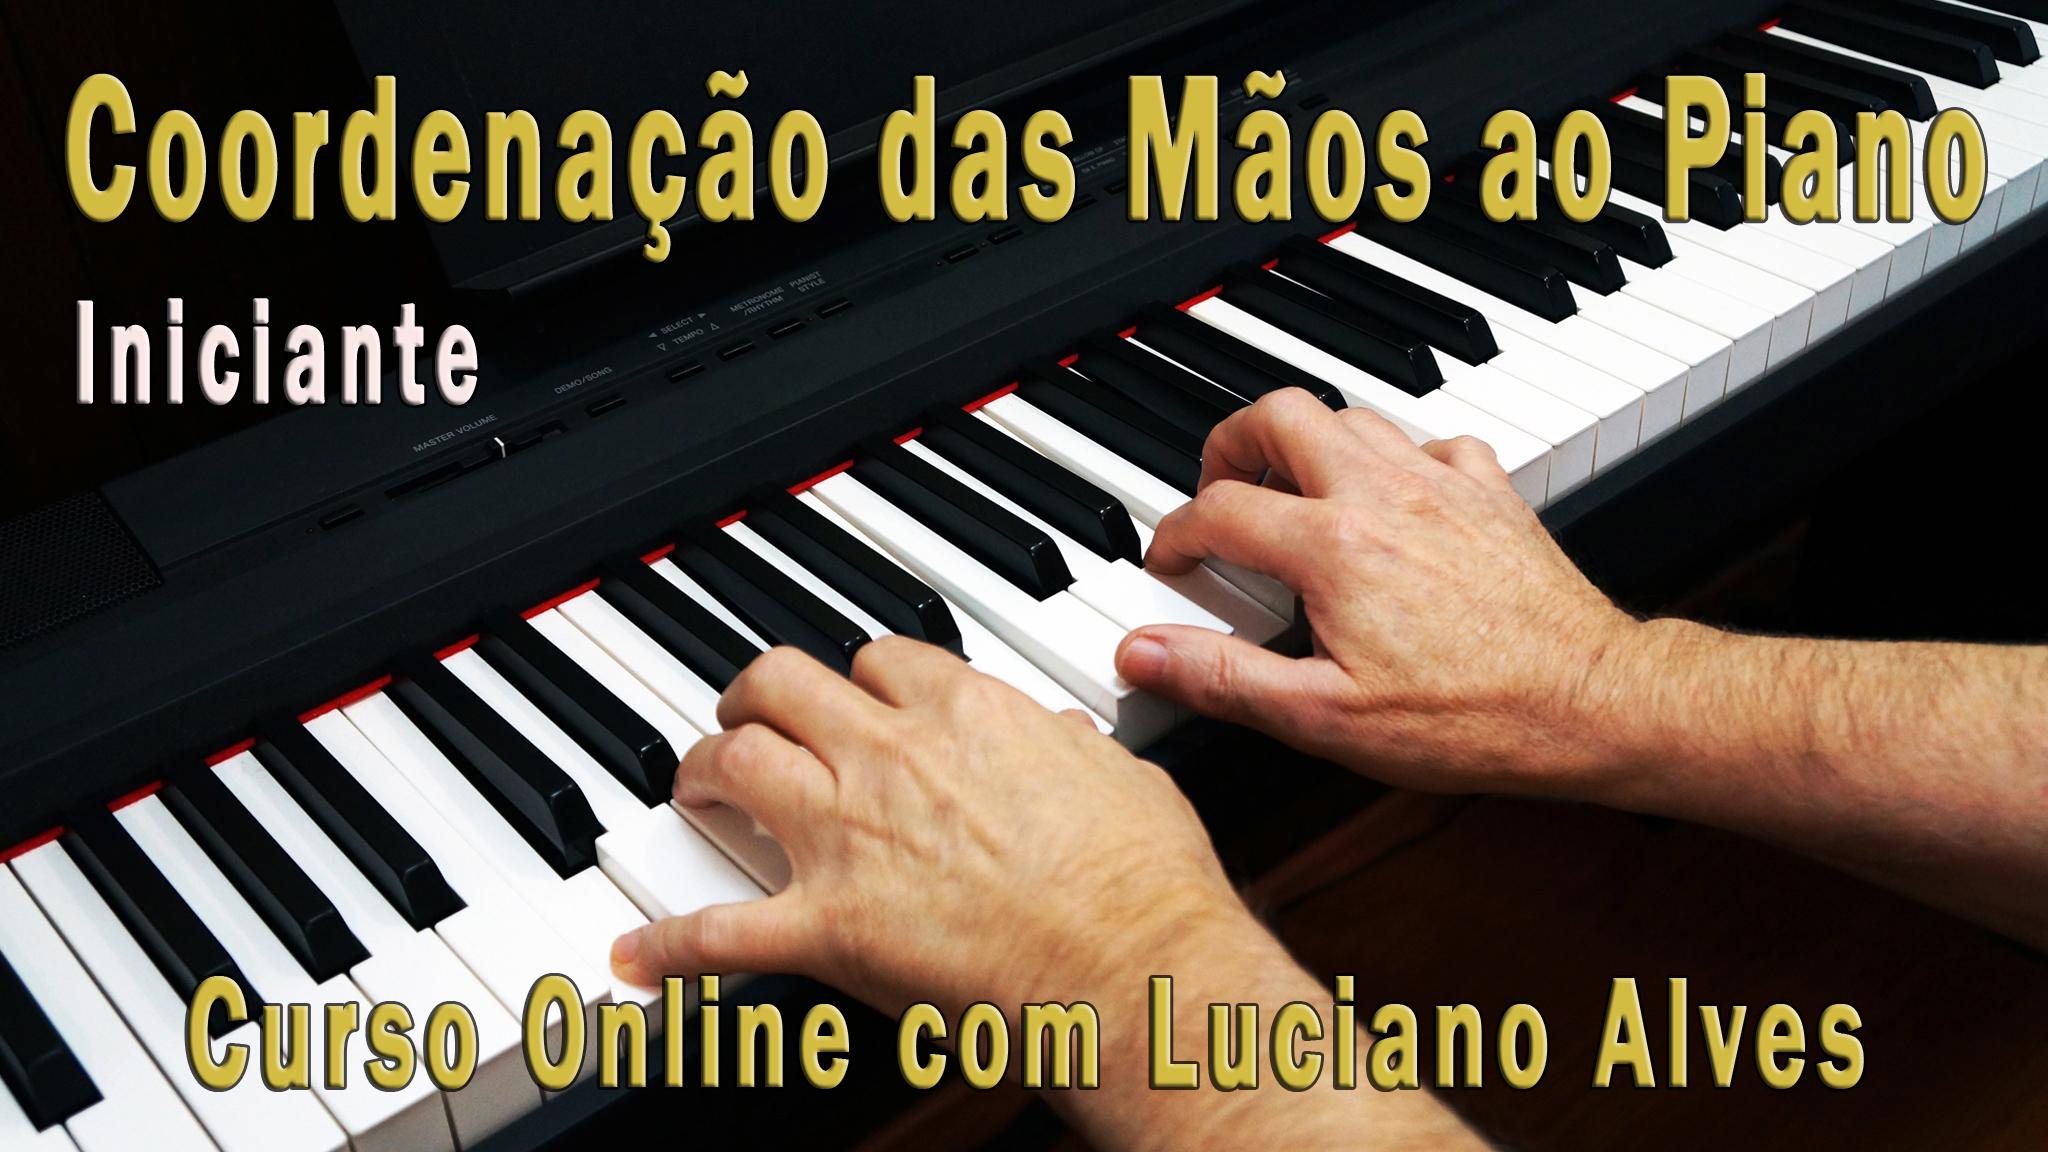 """Curso Online """"Coordenação das Mãos ao Piano (iniciante)"""" com Luciano Alves"""